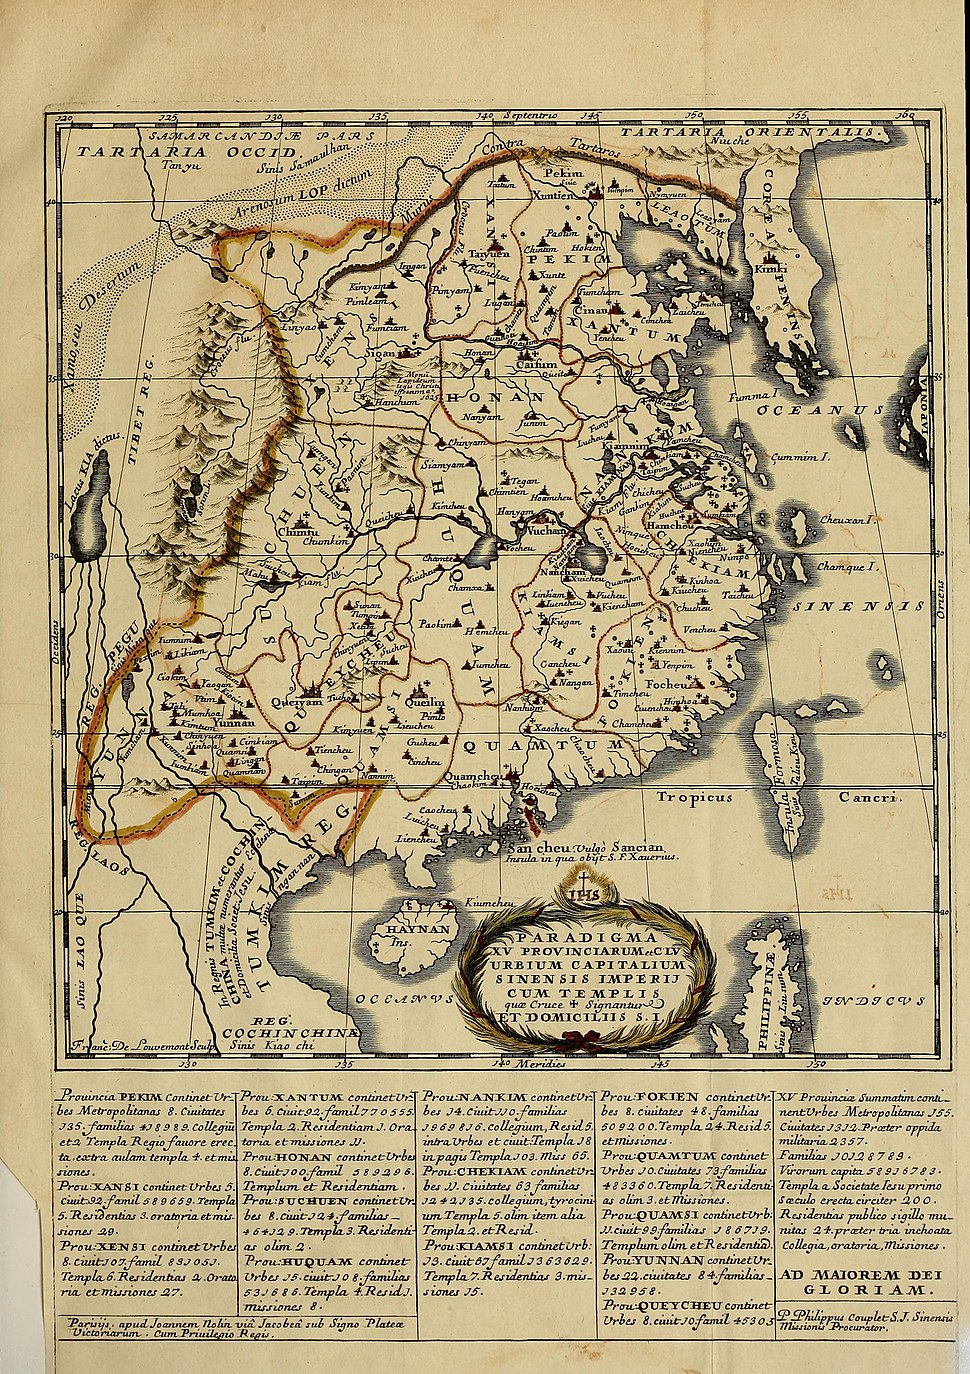 Paradigma XV Provinciarum et CLV Urbium Capitalium Sinensis Imperij